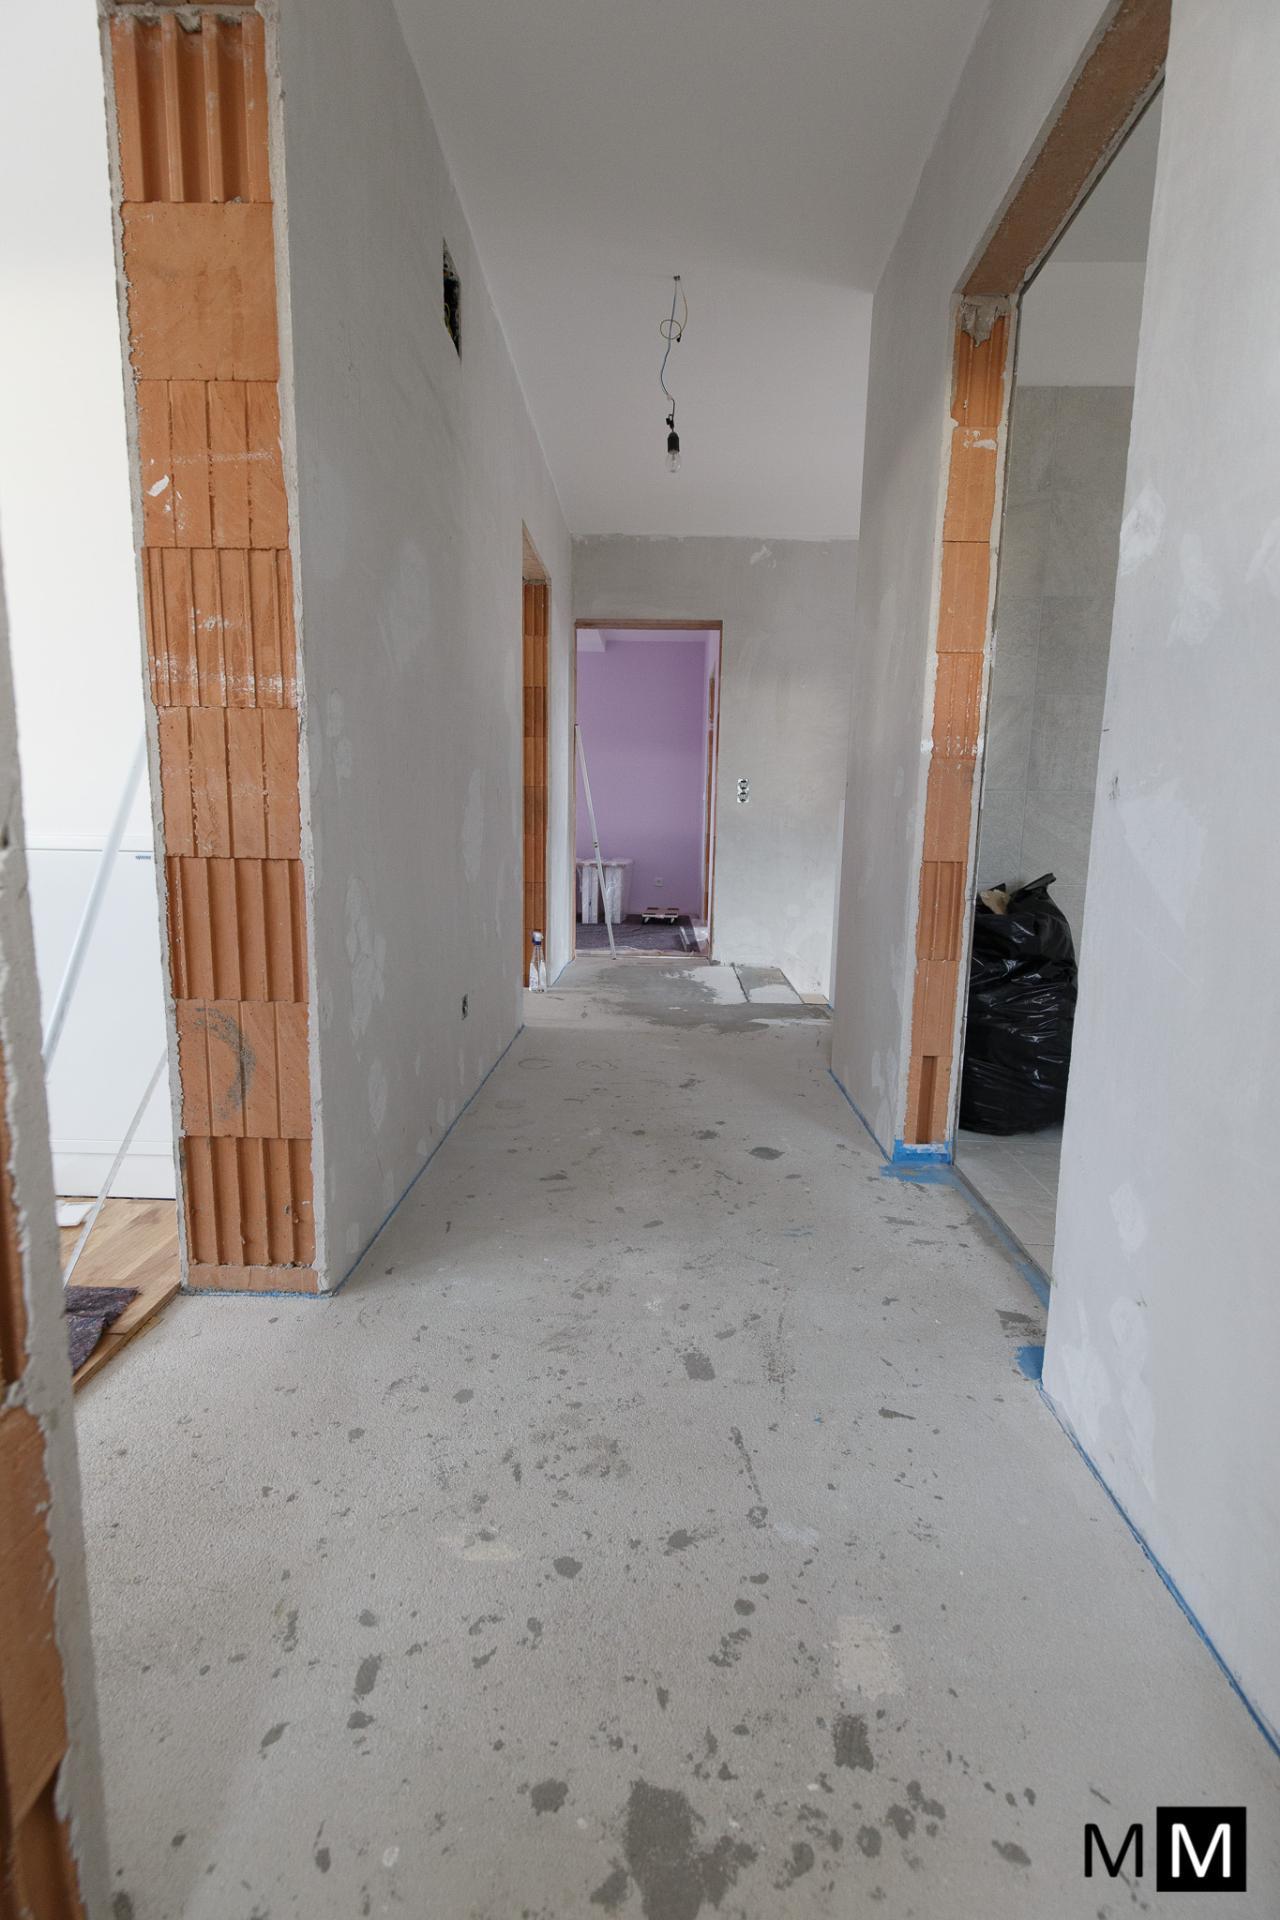 Parkett Galerie Wie Verlegen Bauforum Auf Energiesparhausat - In welche richtung parkett verlegen